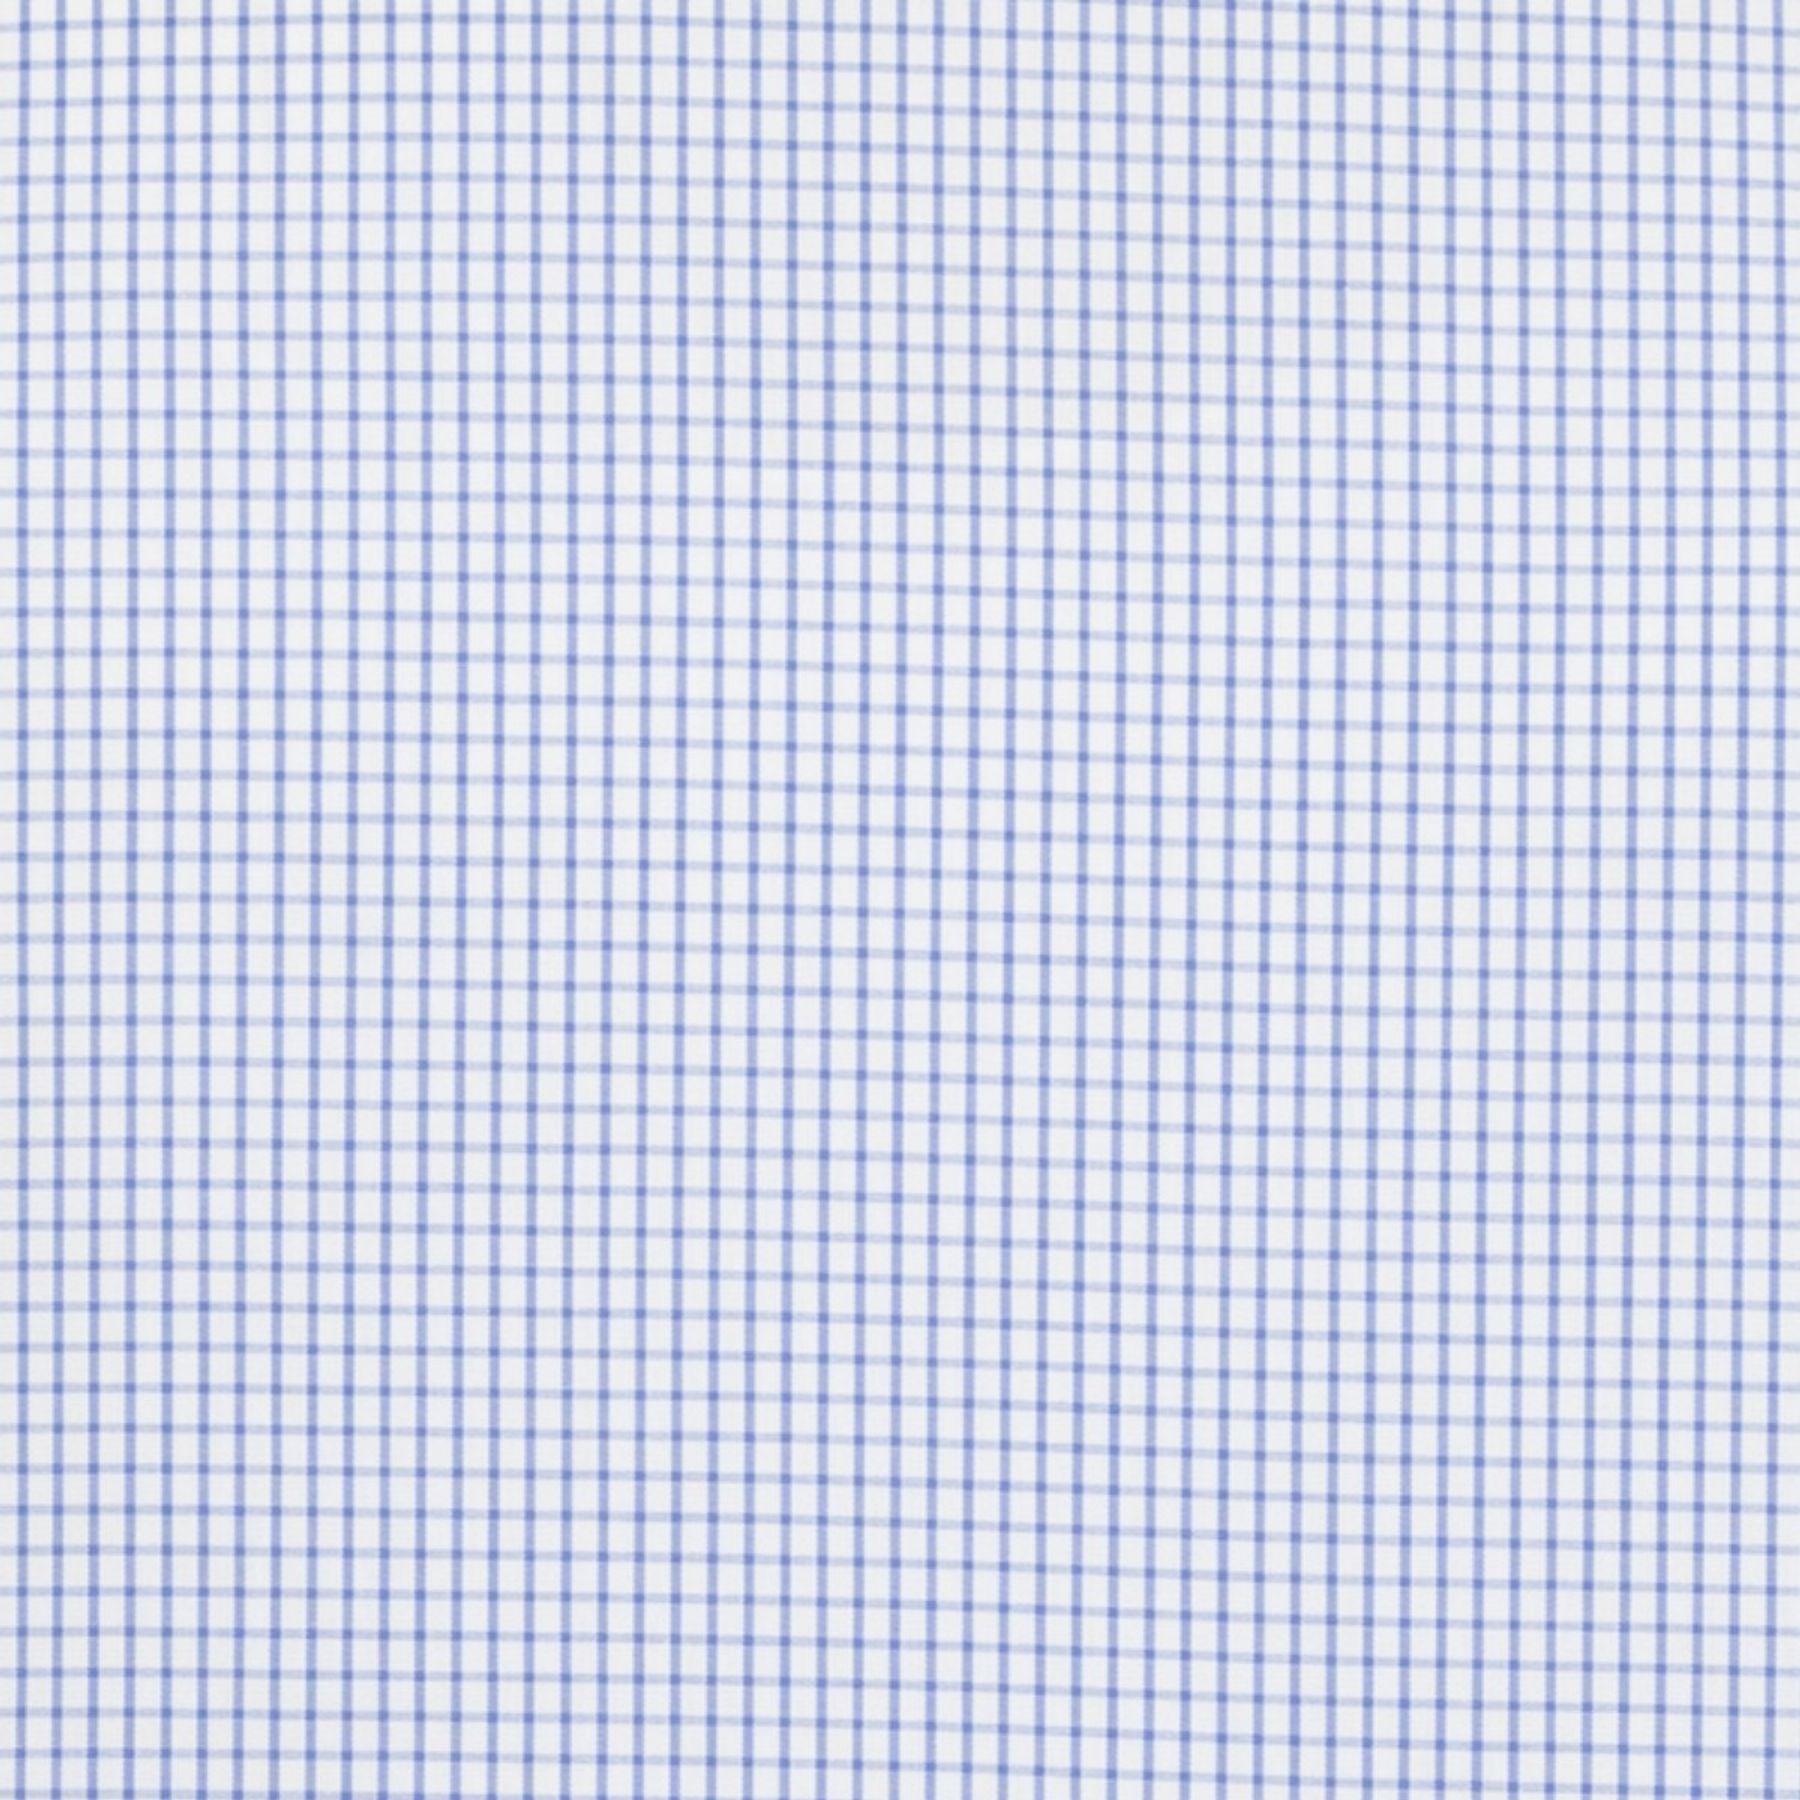 Seidensticker - Herren Hemd, Bügelfrei, Modern, Schwarze Rose mit Kent Kragen in Hellblau mit Streifen oder Karo oder in uni (01.003100) – Bild 13